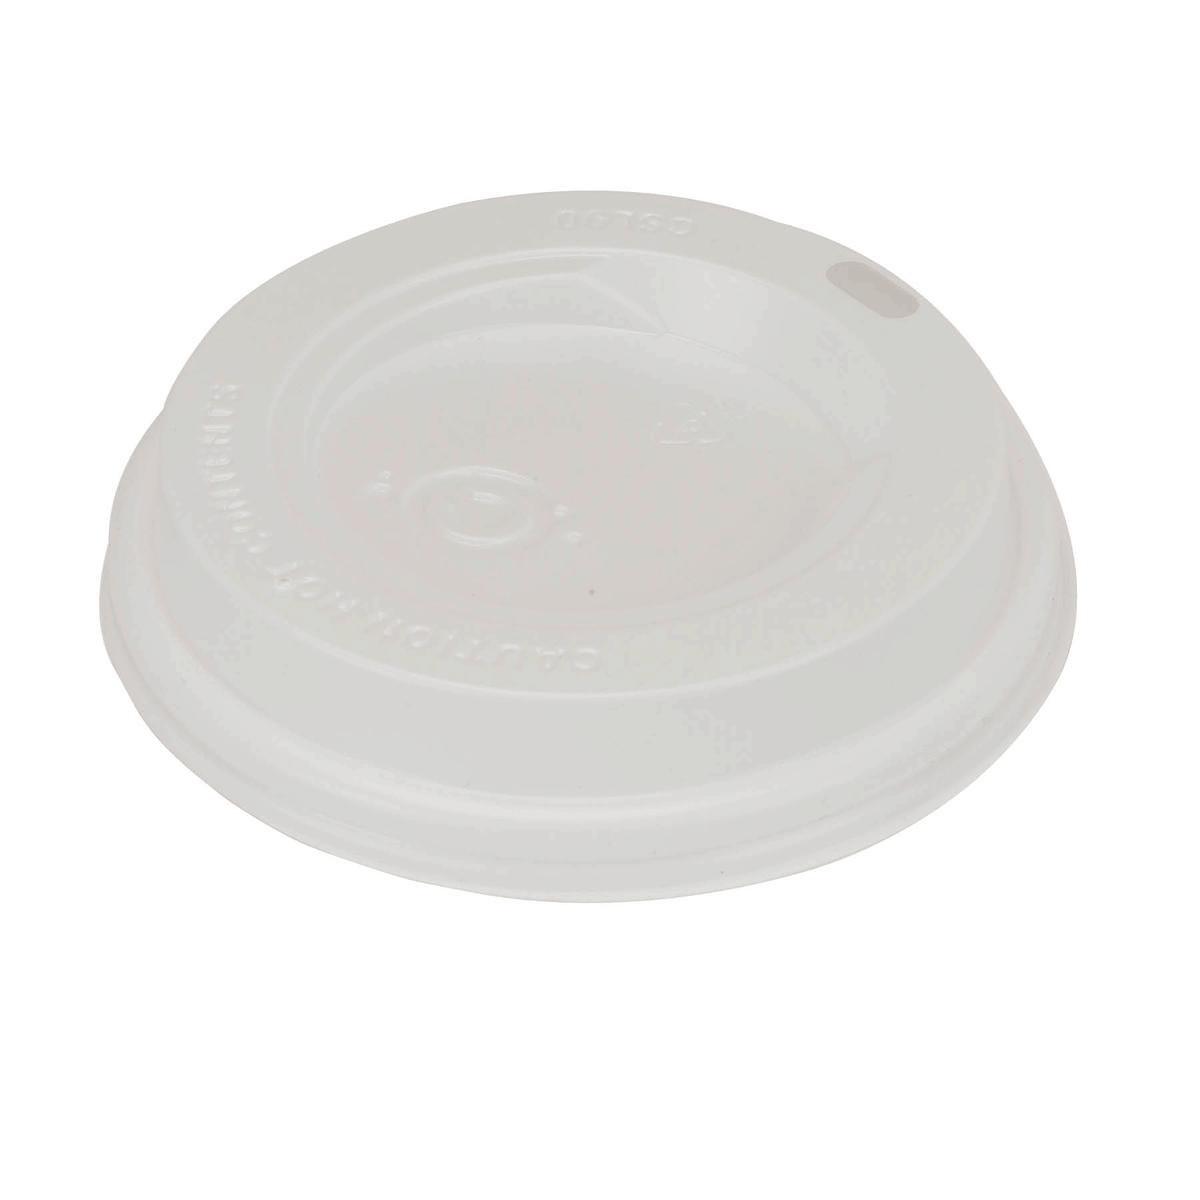 Perka (R) Paper Cup Lids